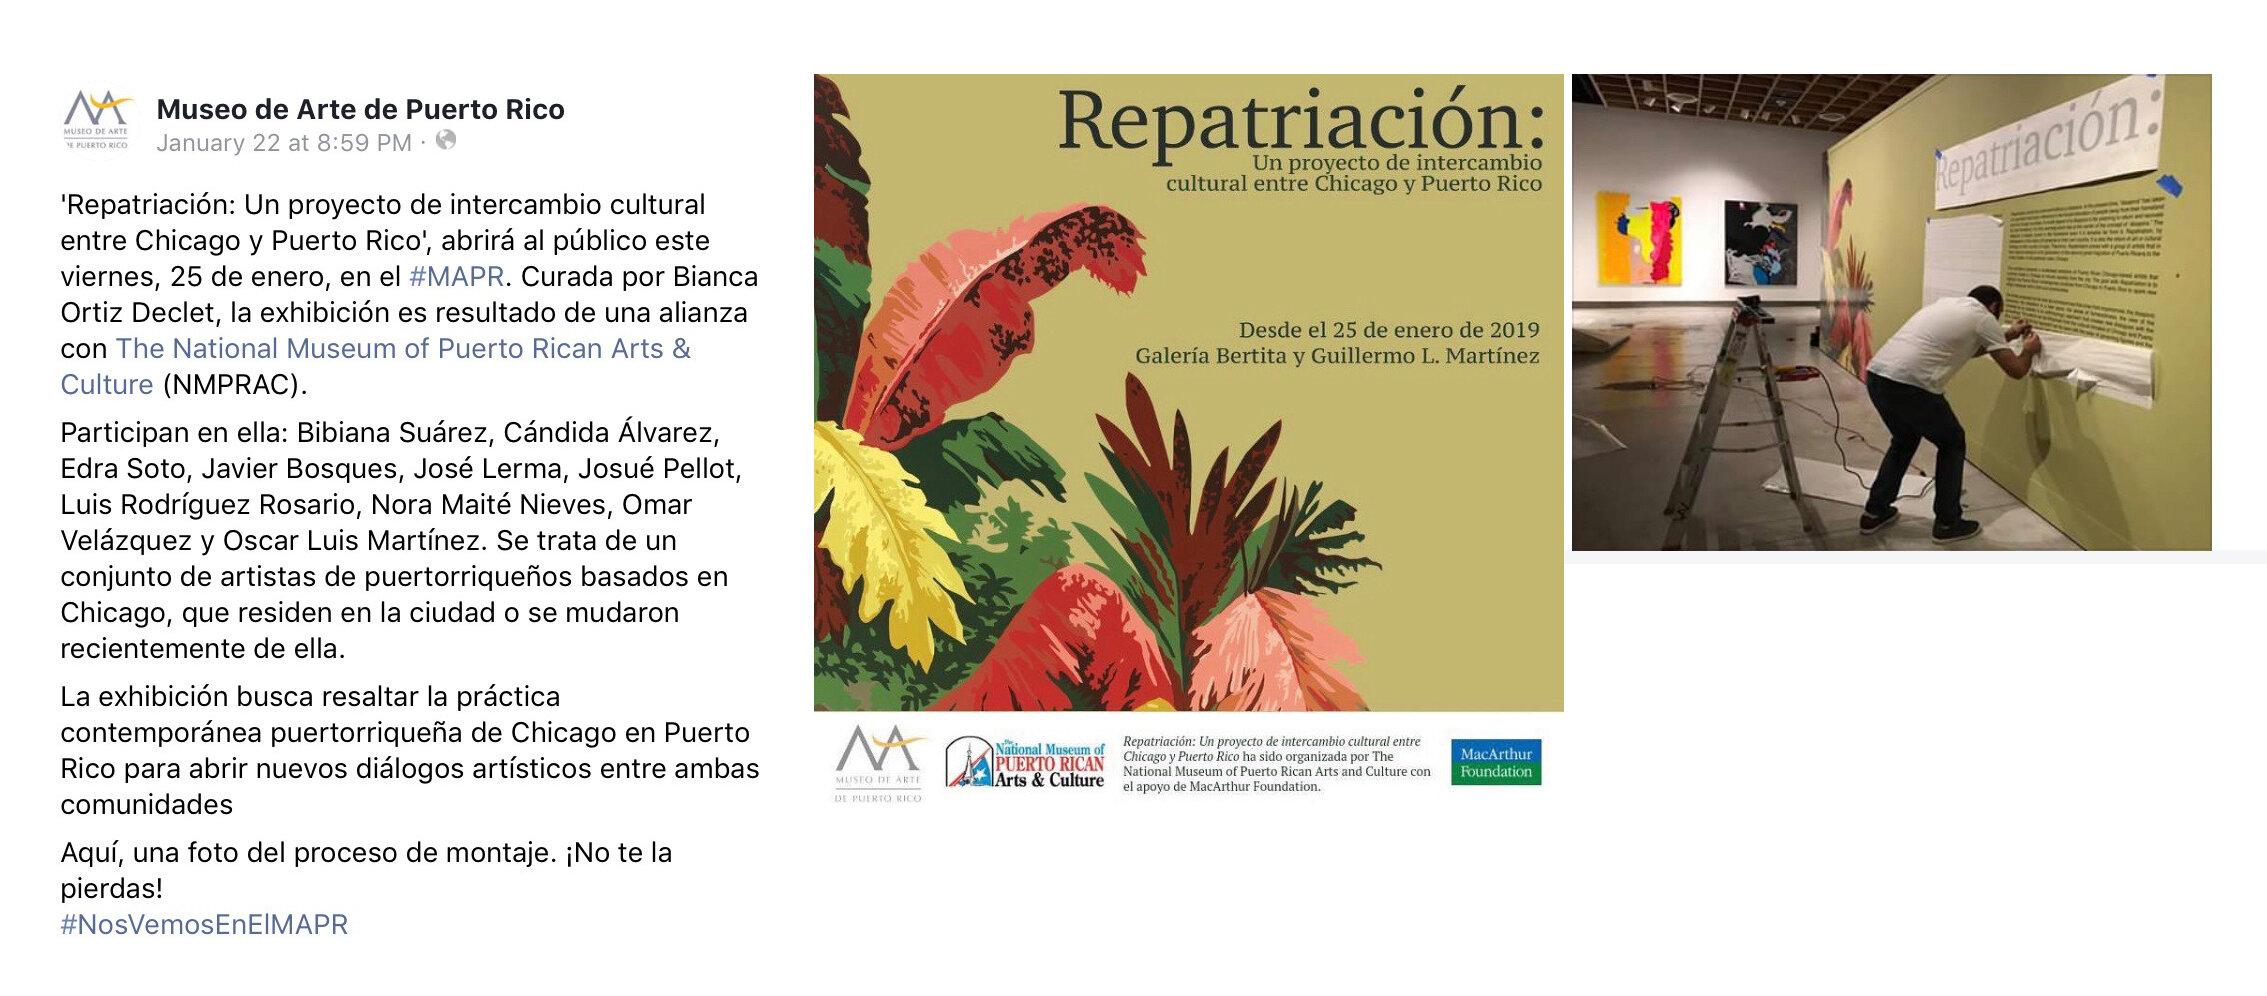 1 candida+museo+de+arted+de+puerto+rico.jpg